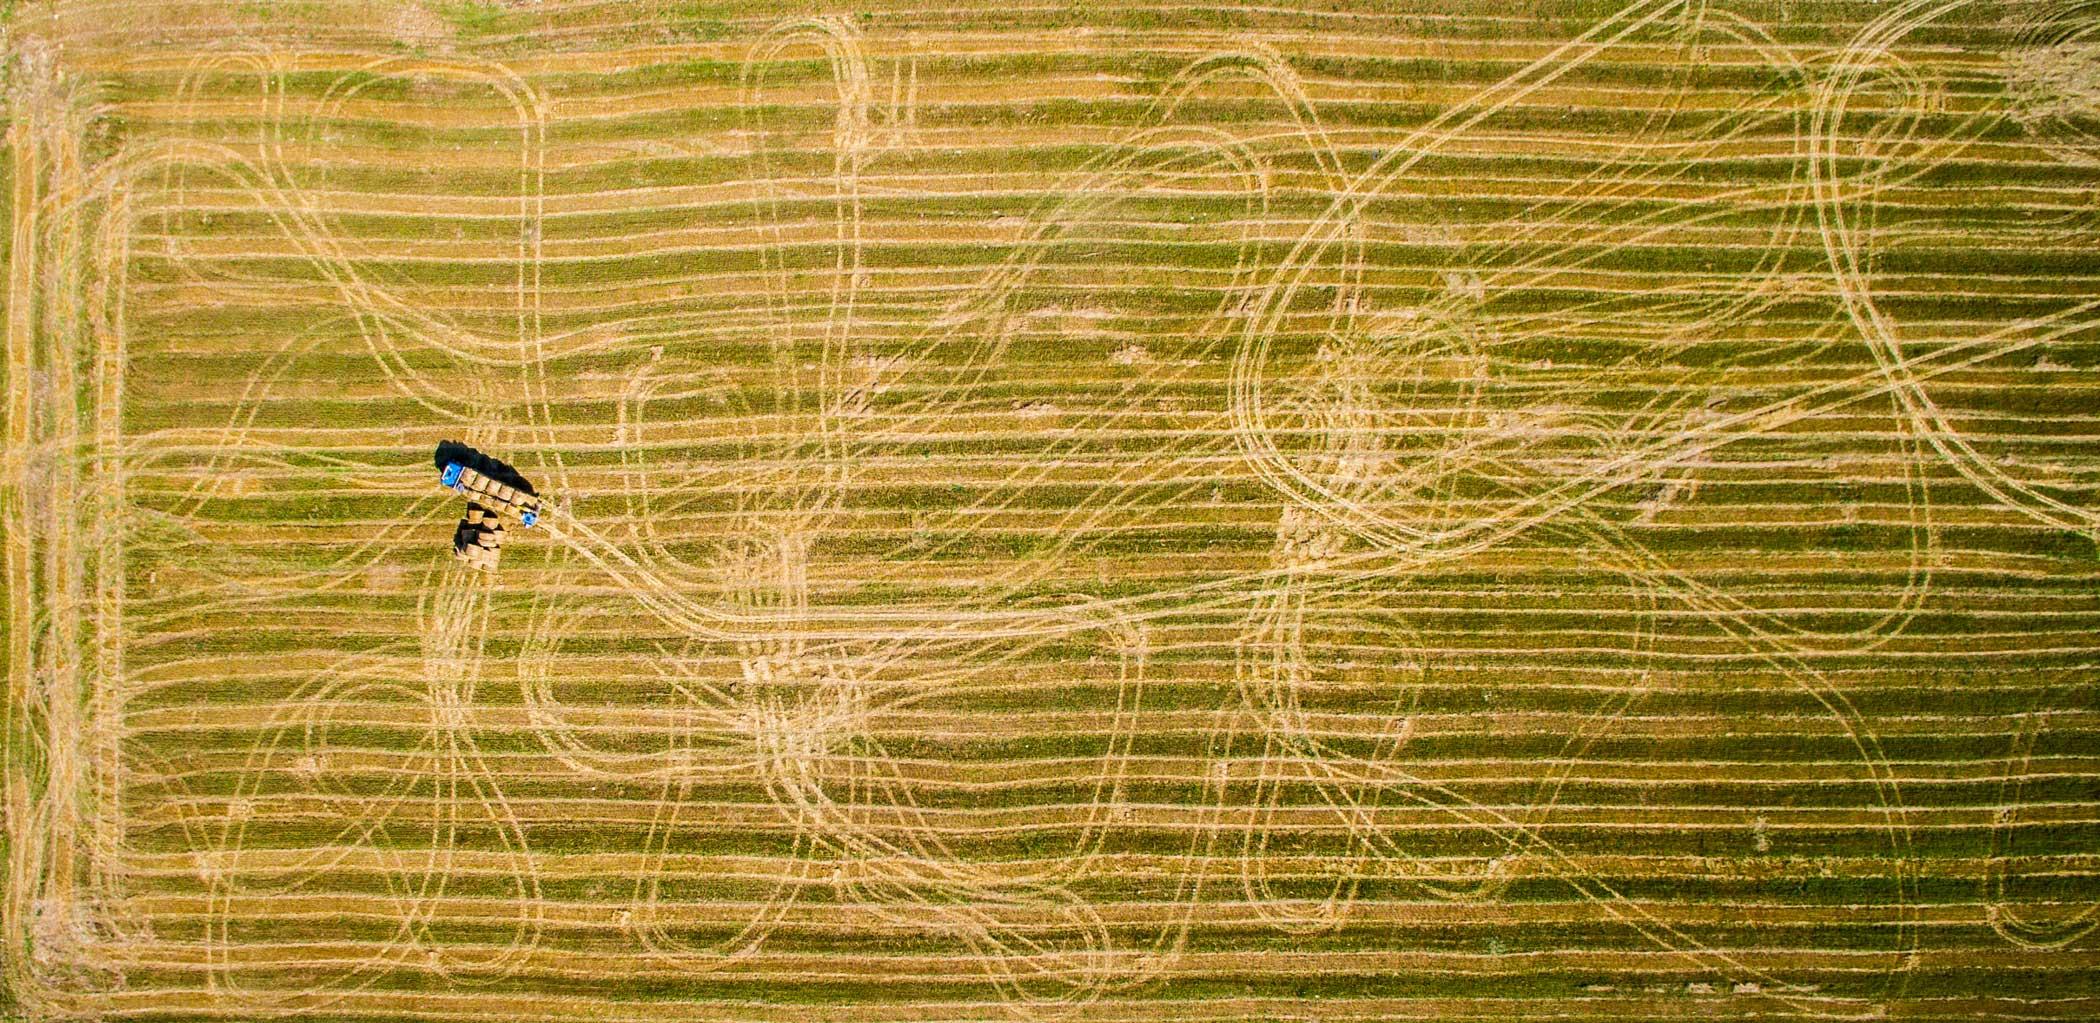 Haystack production in Brasov, Romania.